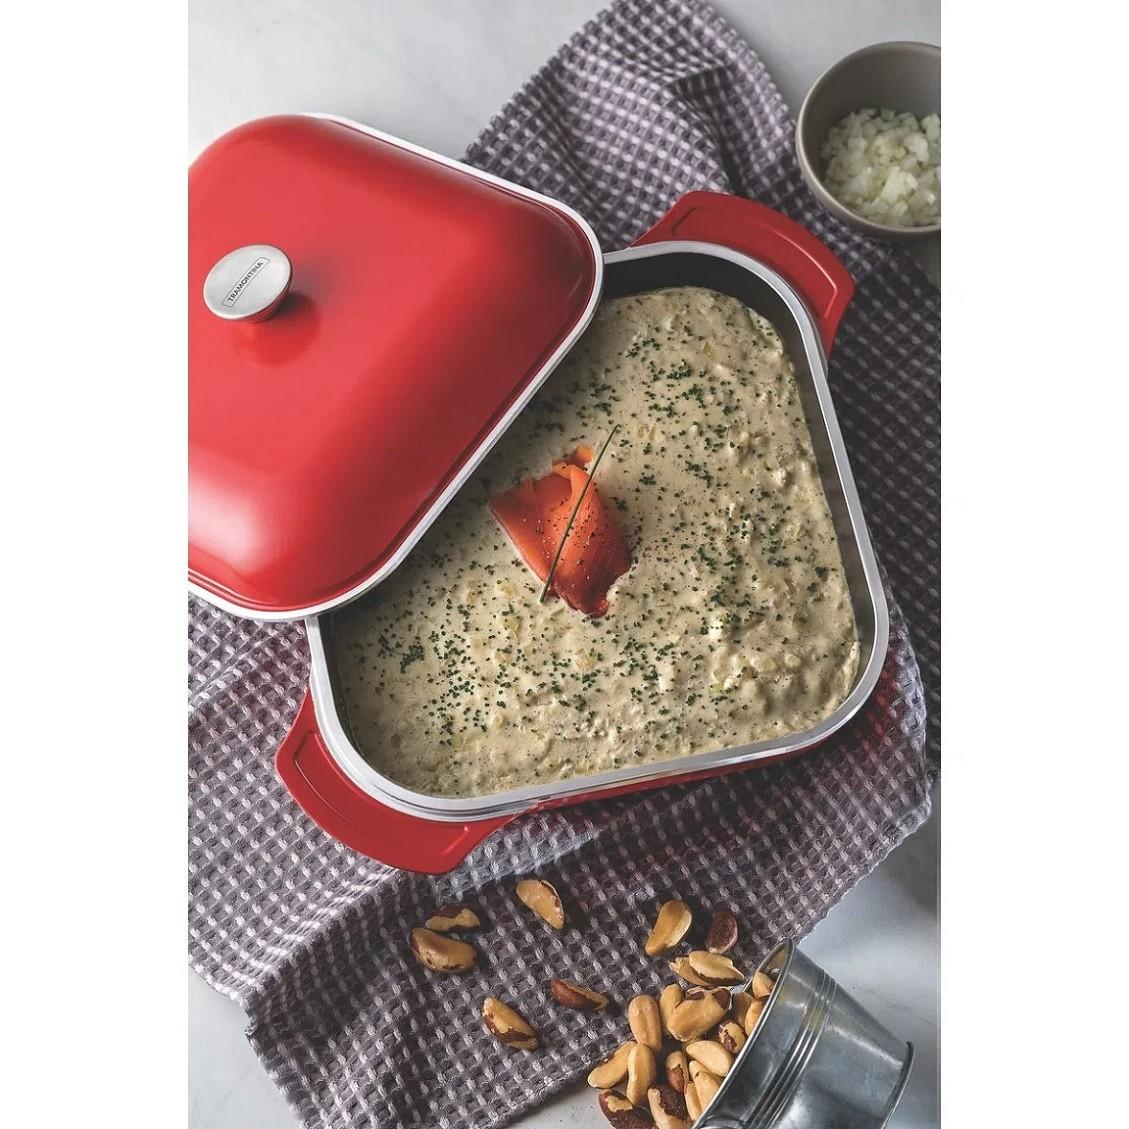 Caçarola Quadrada Lyon 28cm Vermelha Tramontina  - Sua Casa Gourmet e Cia